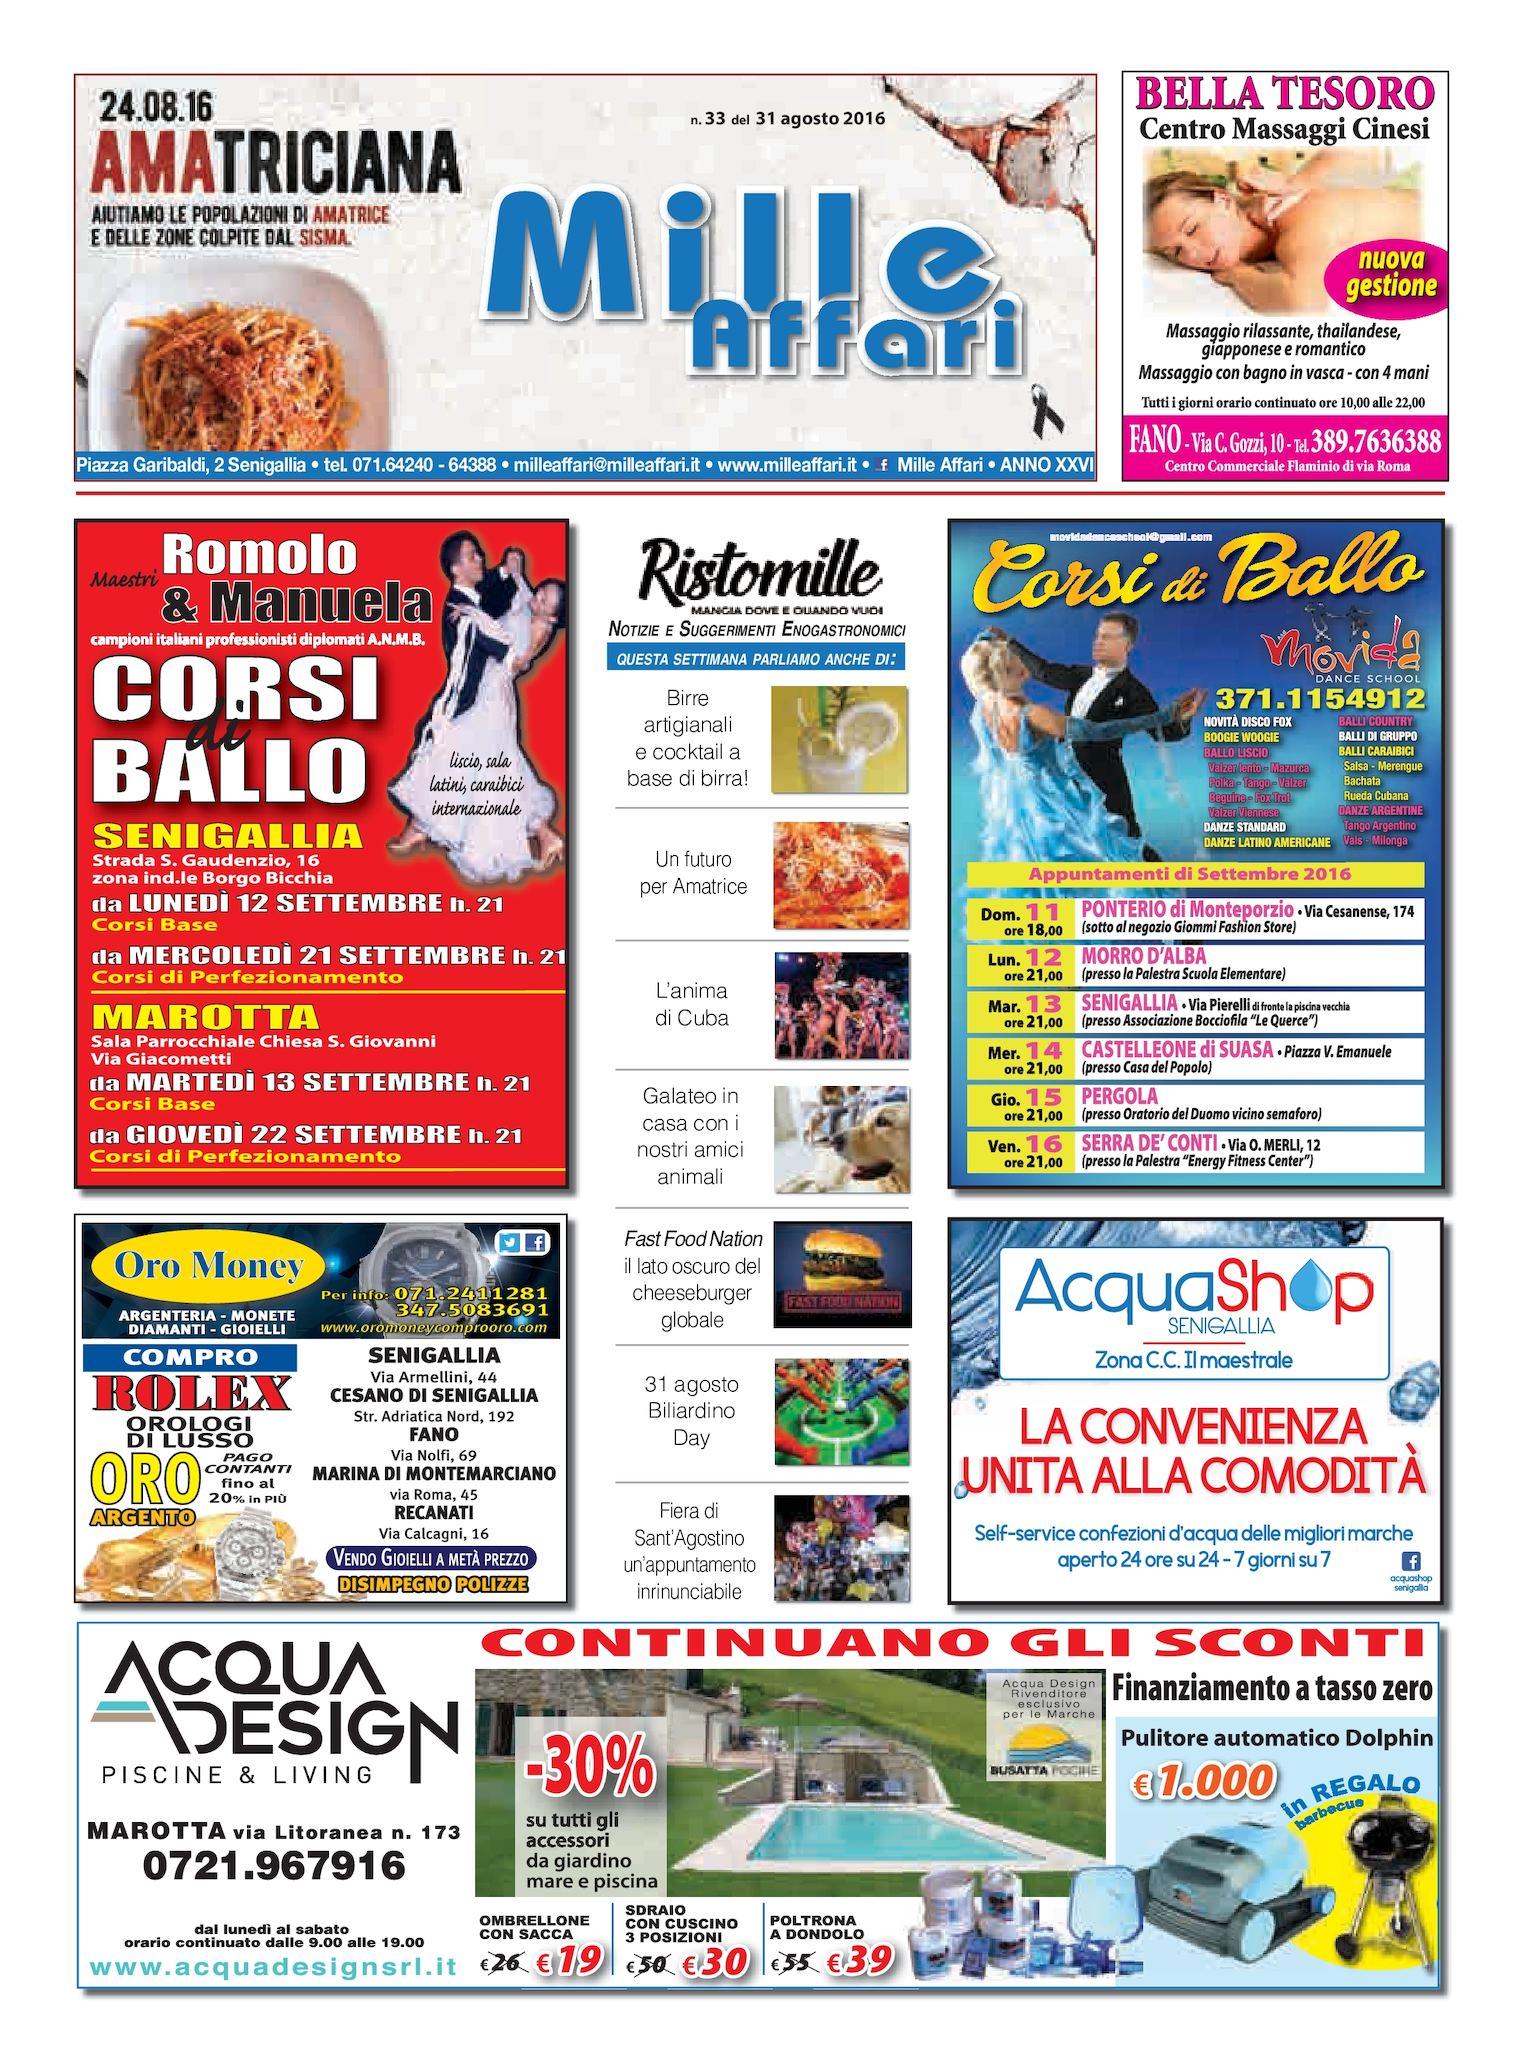 Indoor Games Stecca Da Biliardo 1 Pezzo Zenith Lunghezza 125 Cm In Legno Beautiful In Colour